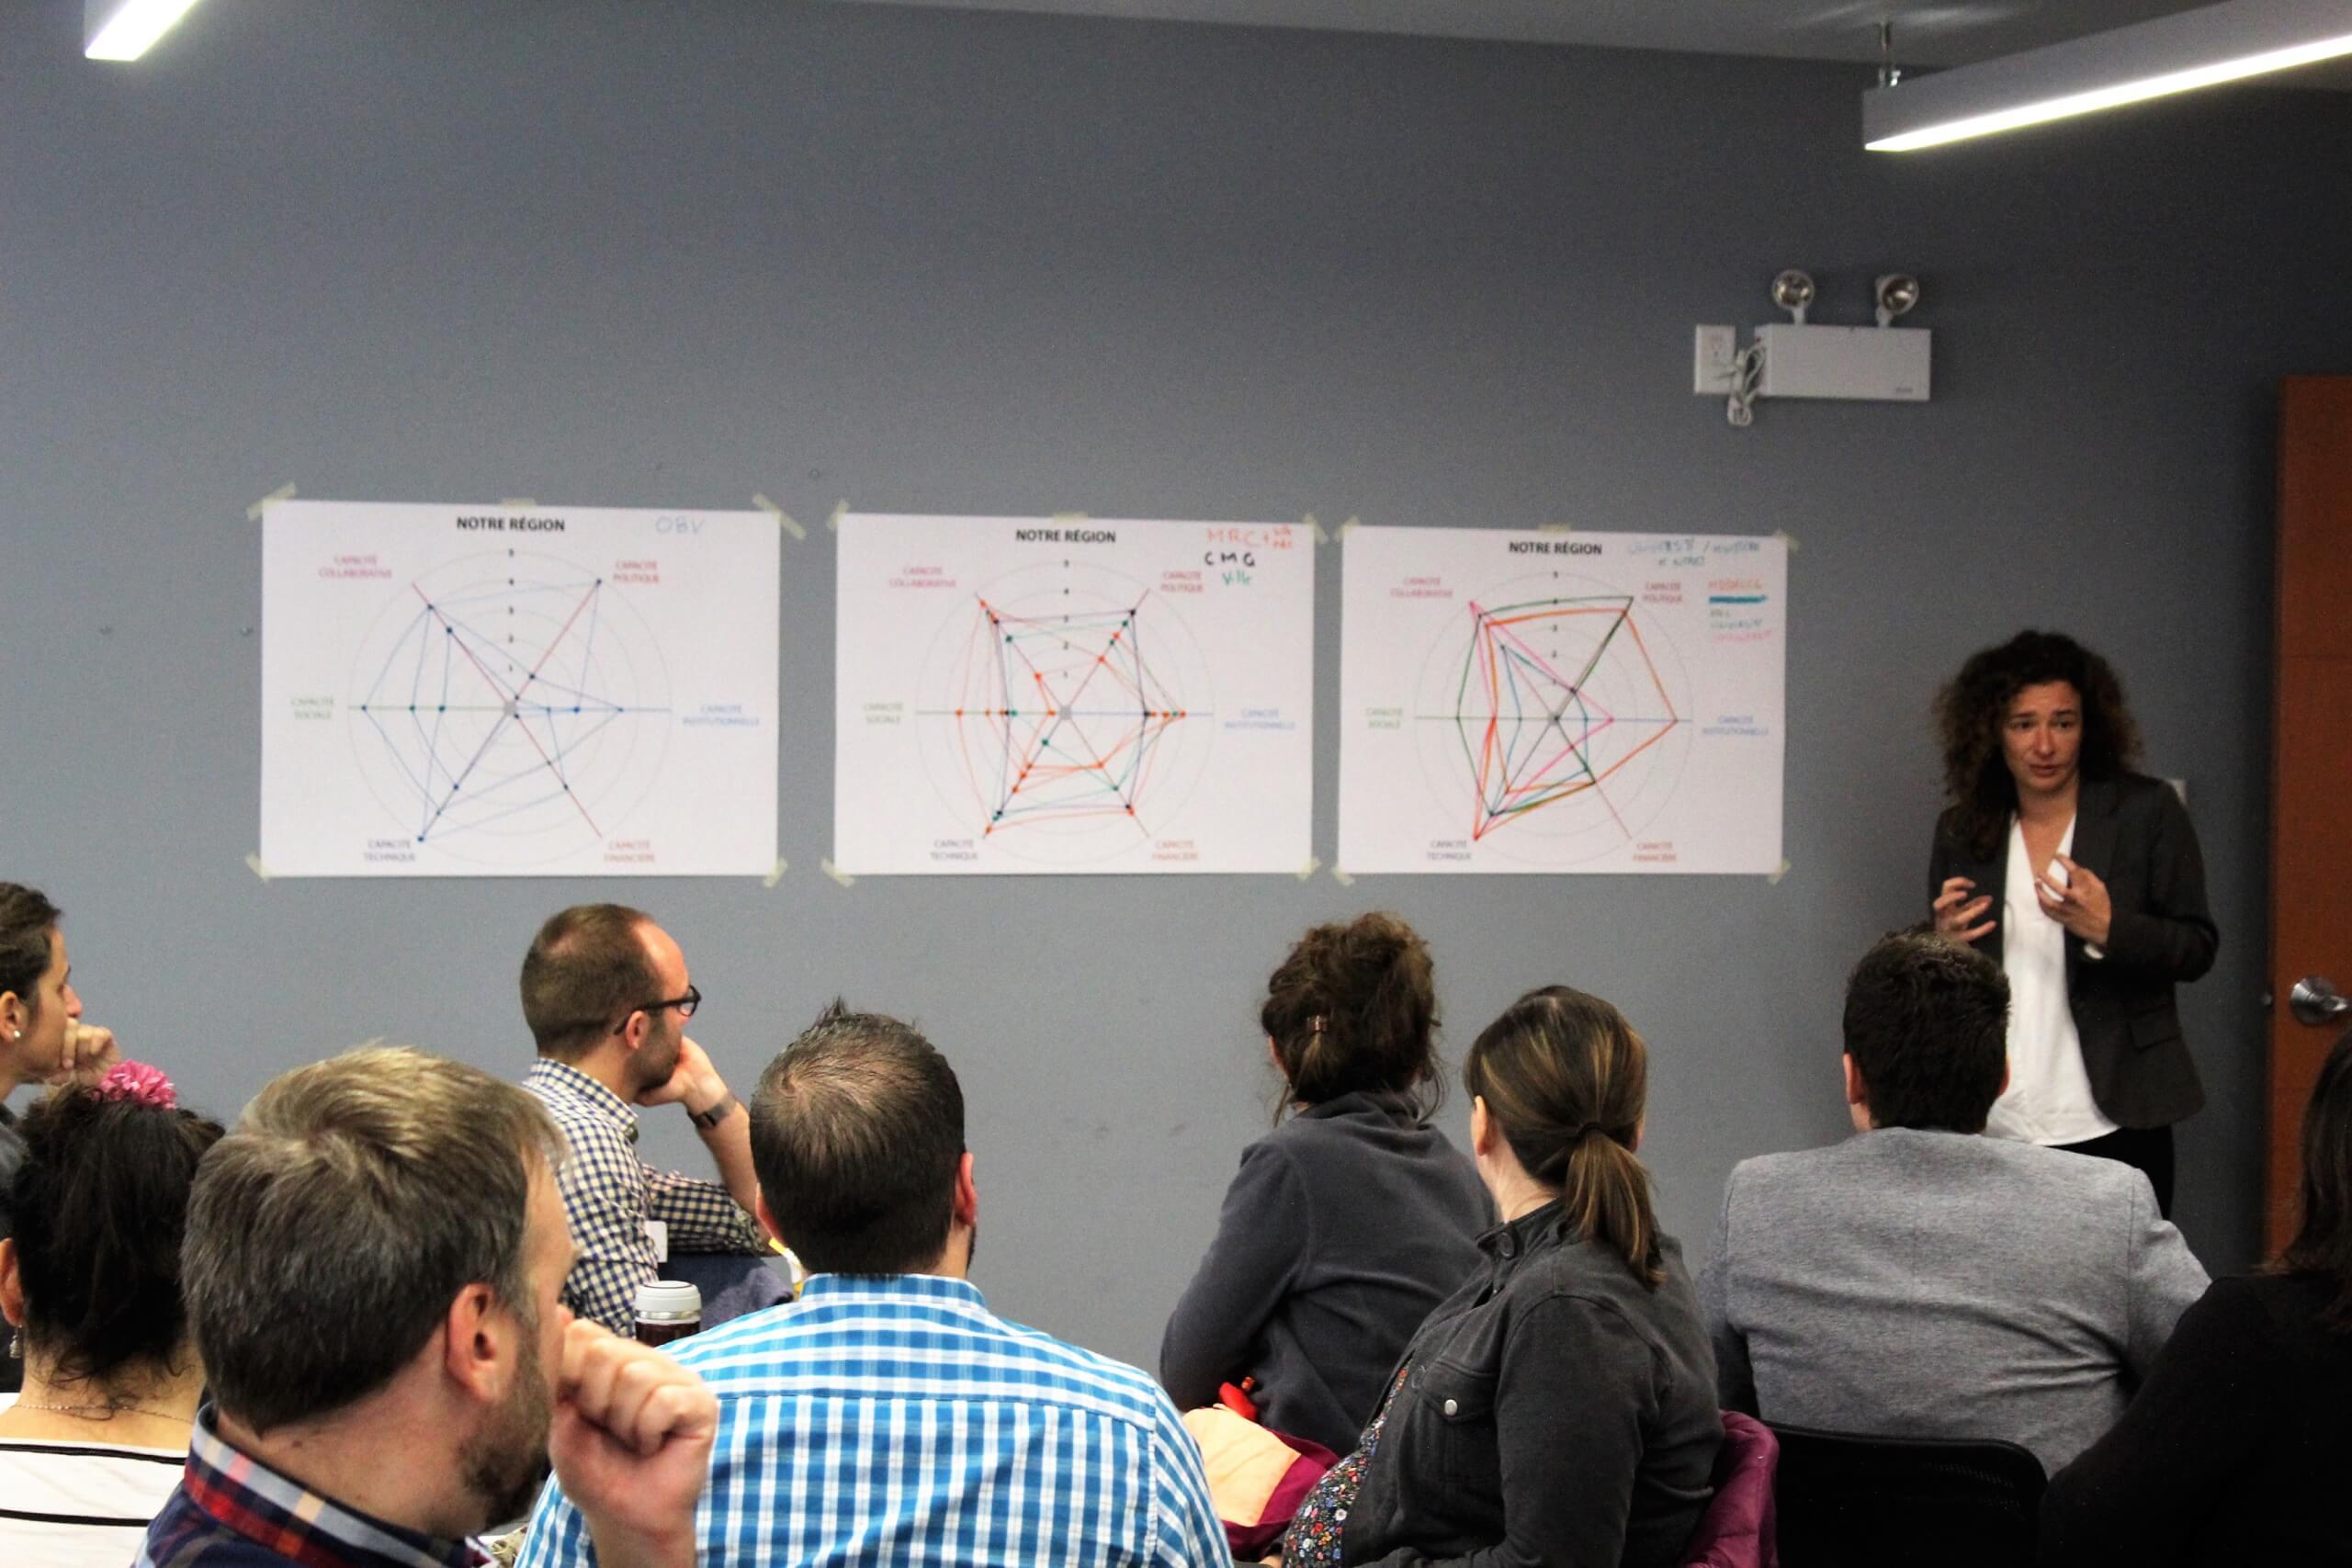 La professeure Julie Ruiz du Département des sciences de l'environnement de l'UQTR (à droite sur la photo) anime ici un atelier de transfert de connaissances sur les eaux souterraines.